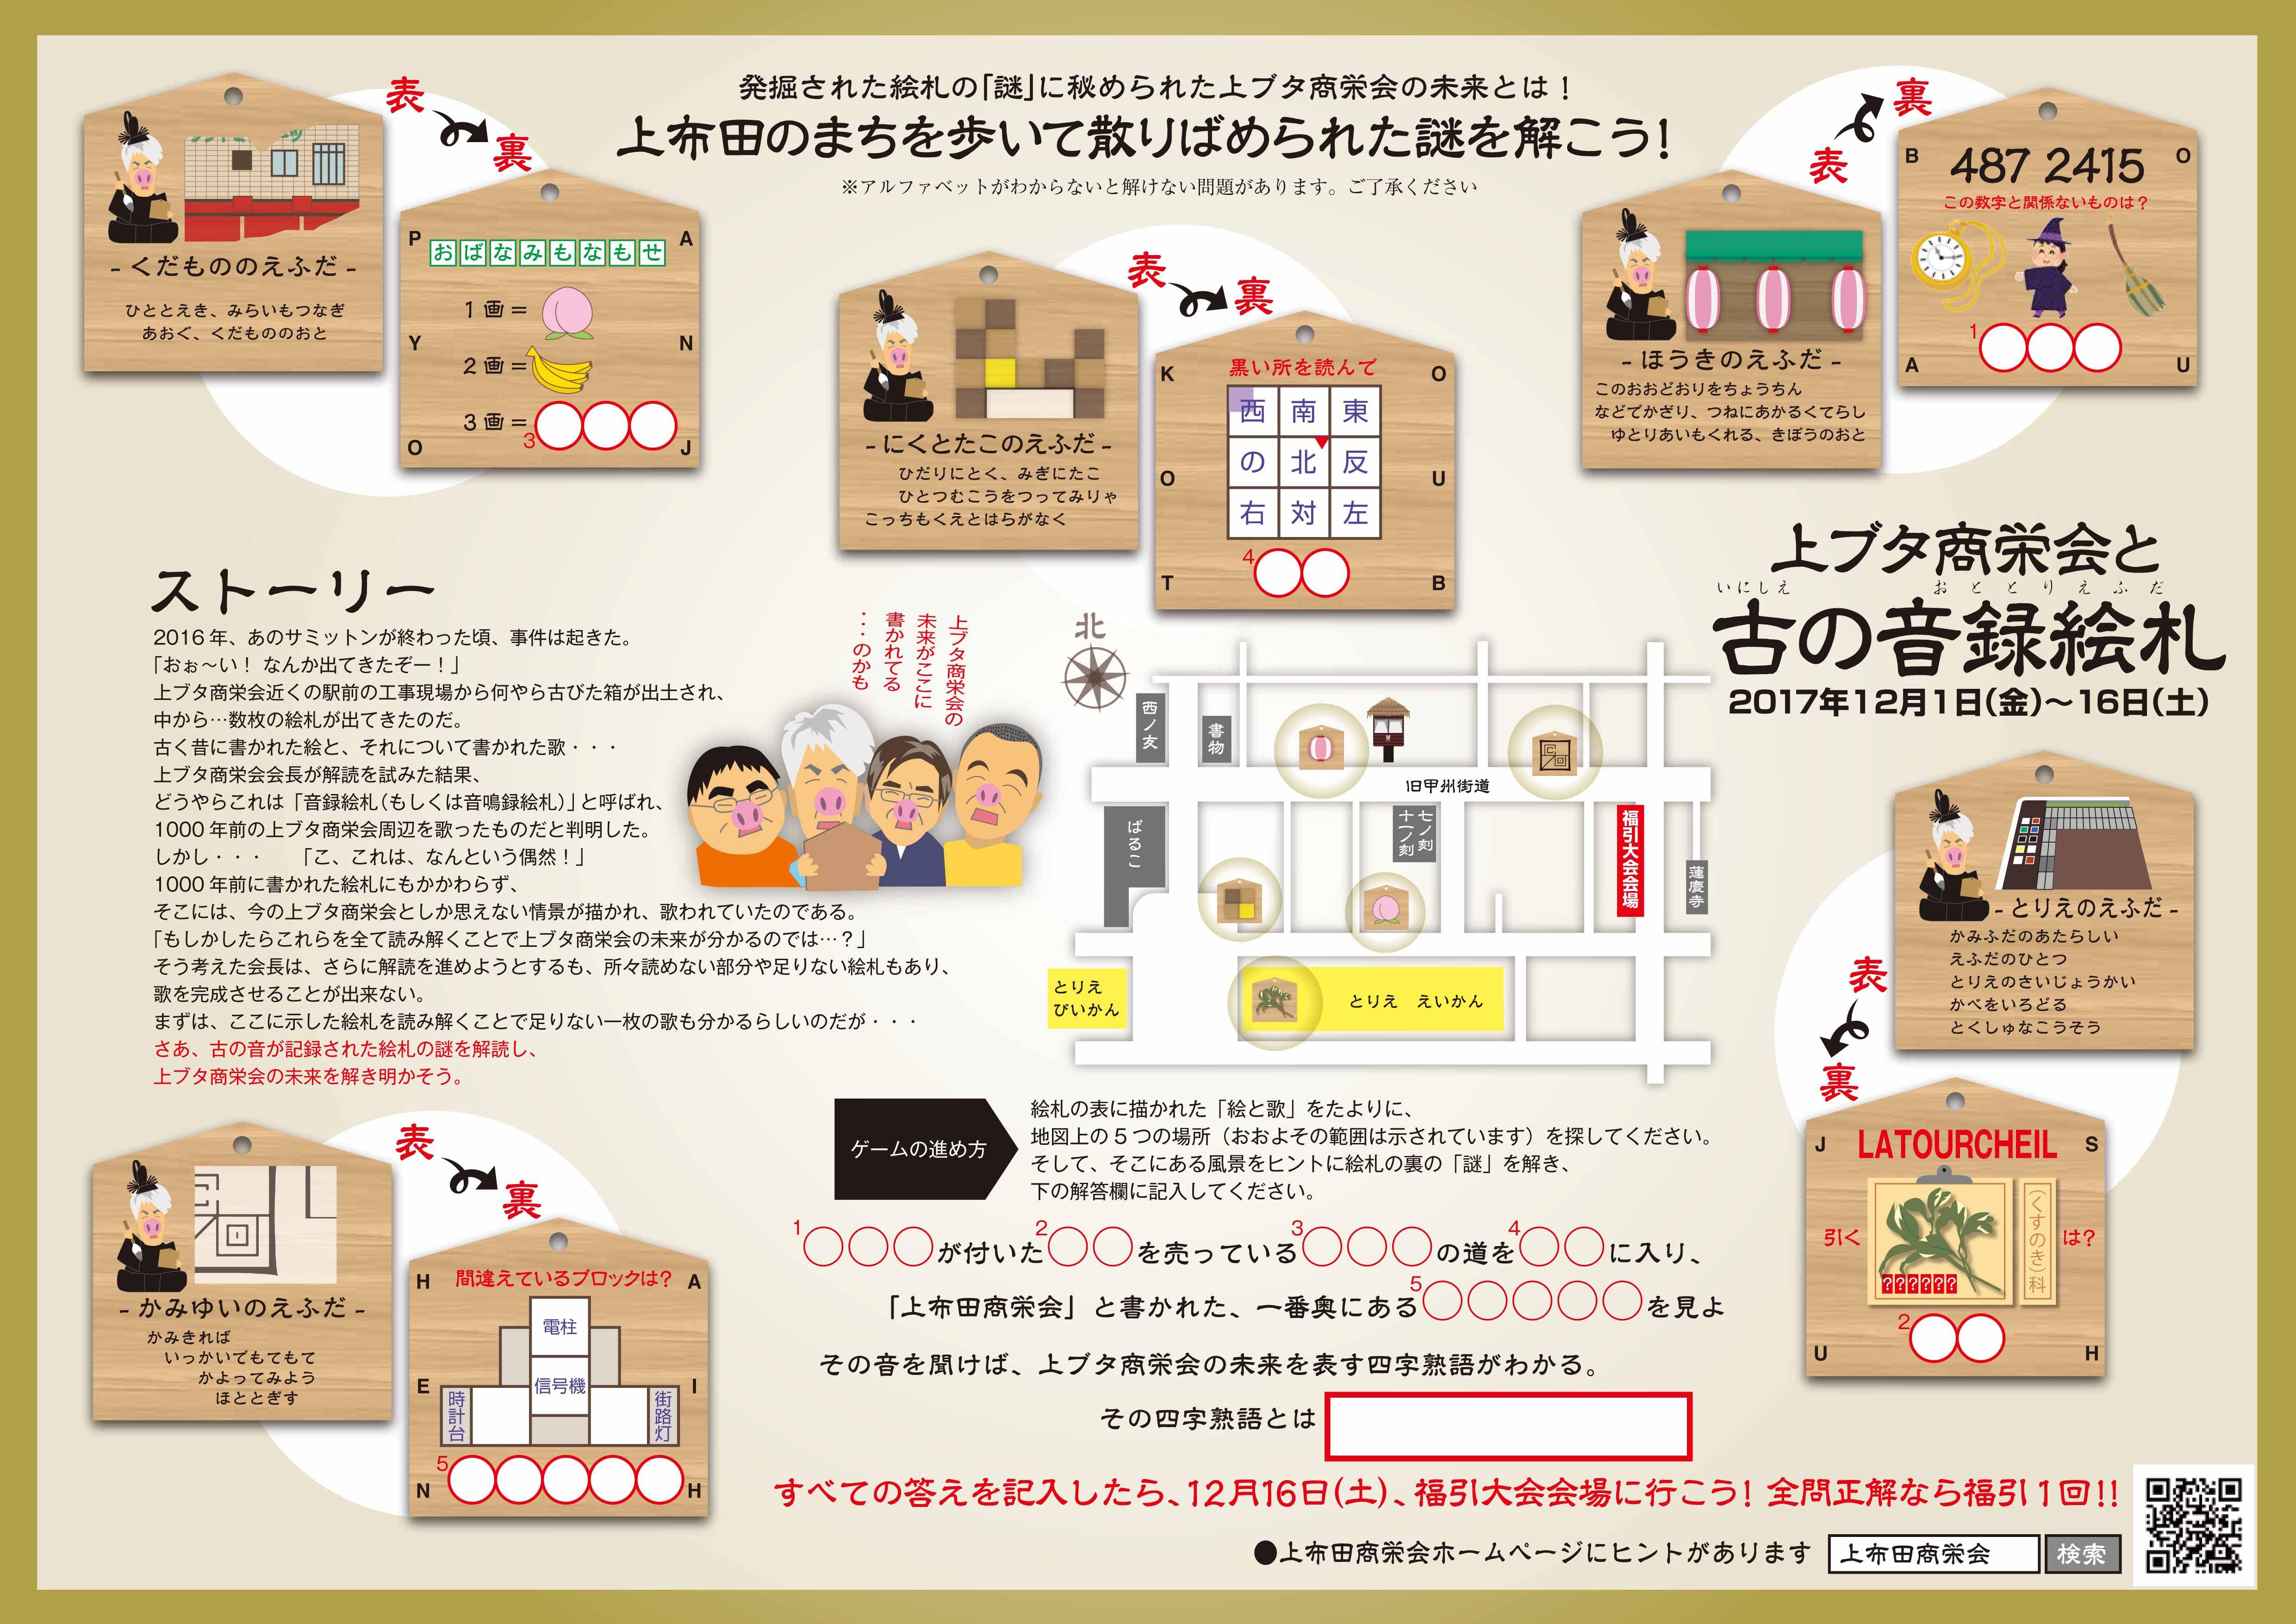 上ブタ商栄会と古の音録絵札』 の謎(問題)用紙